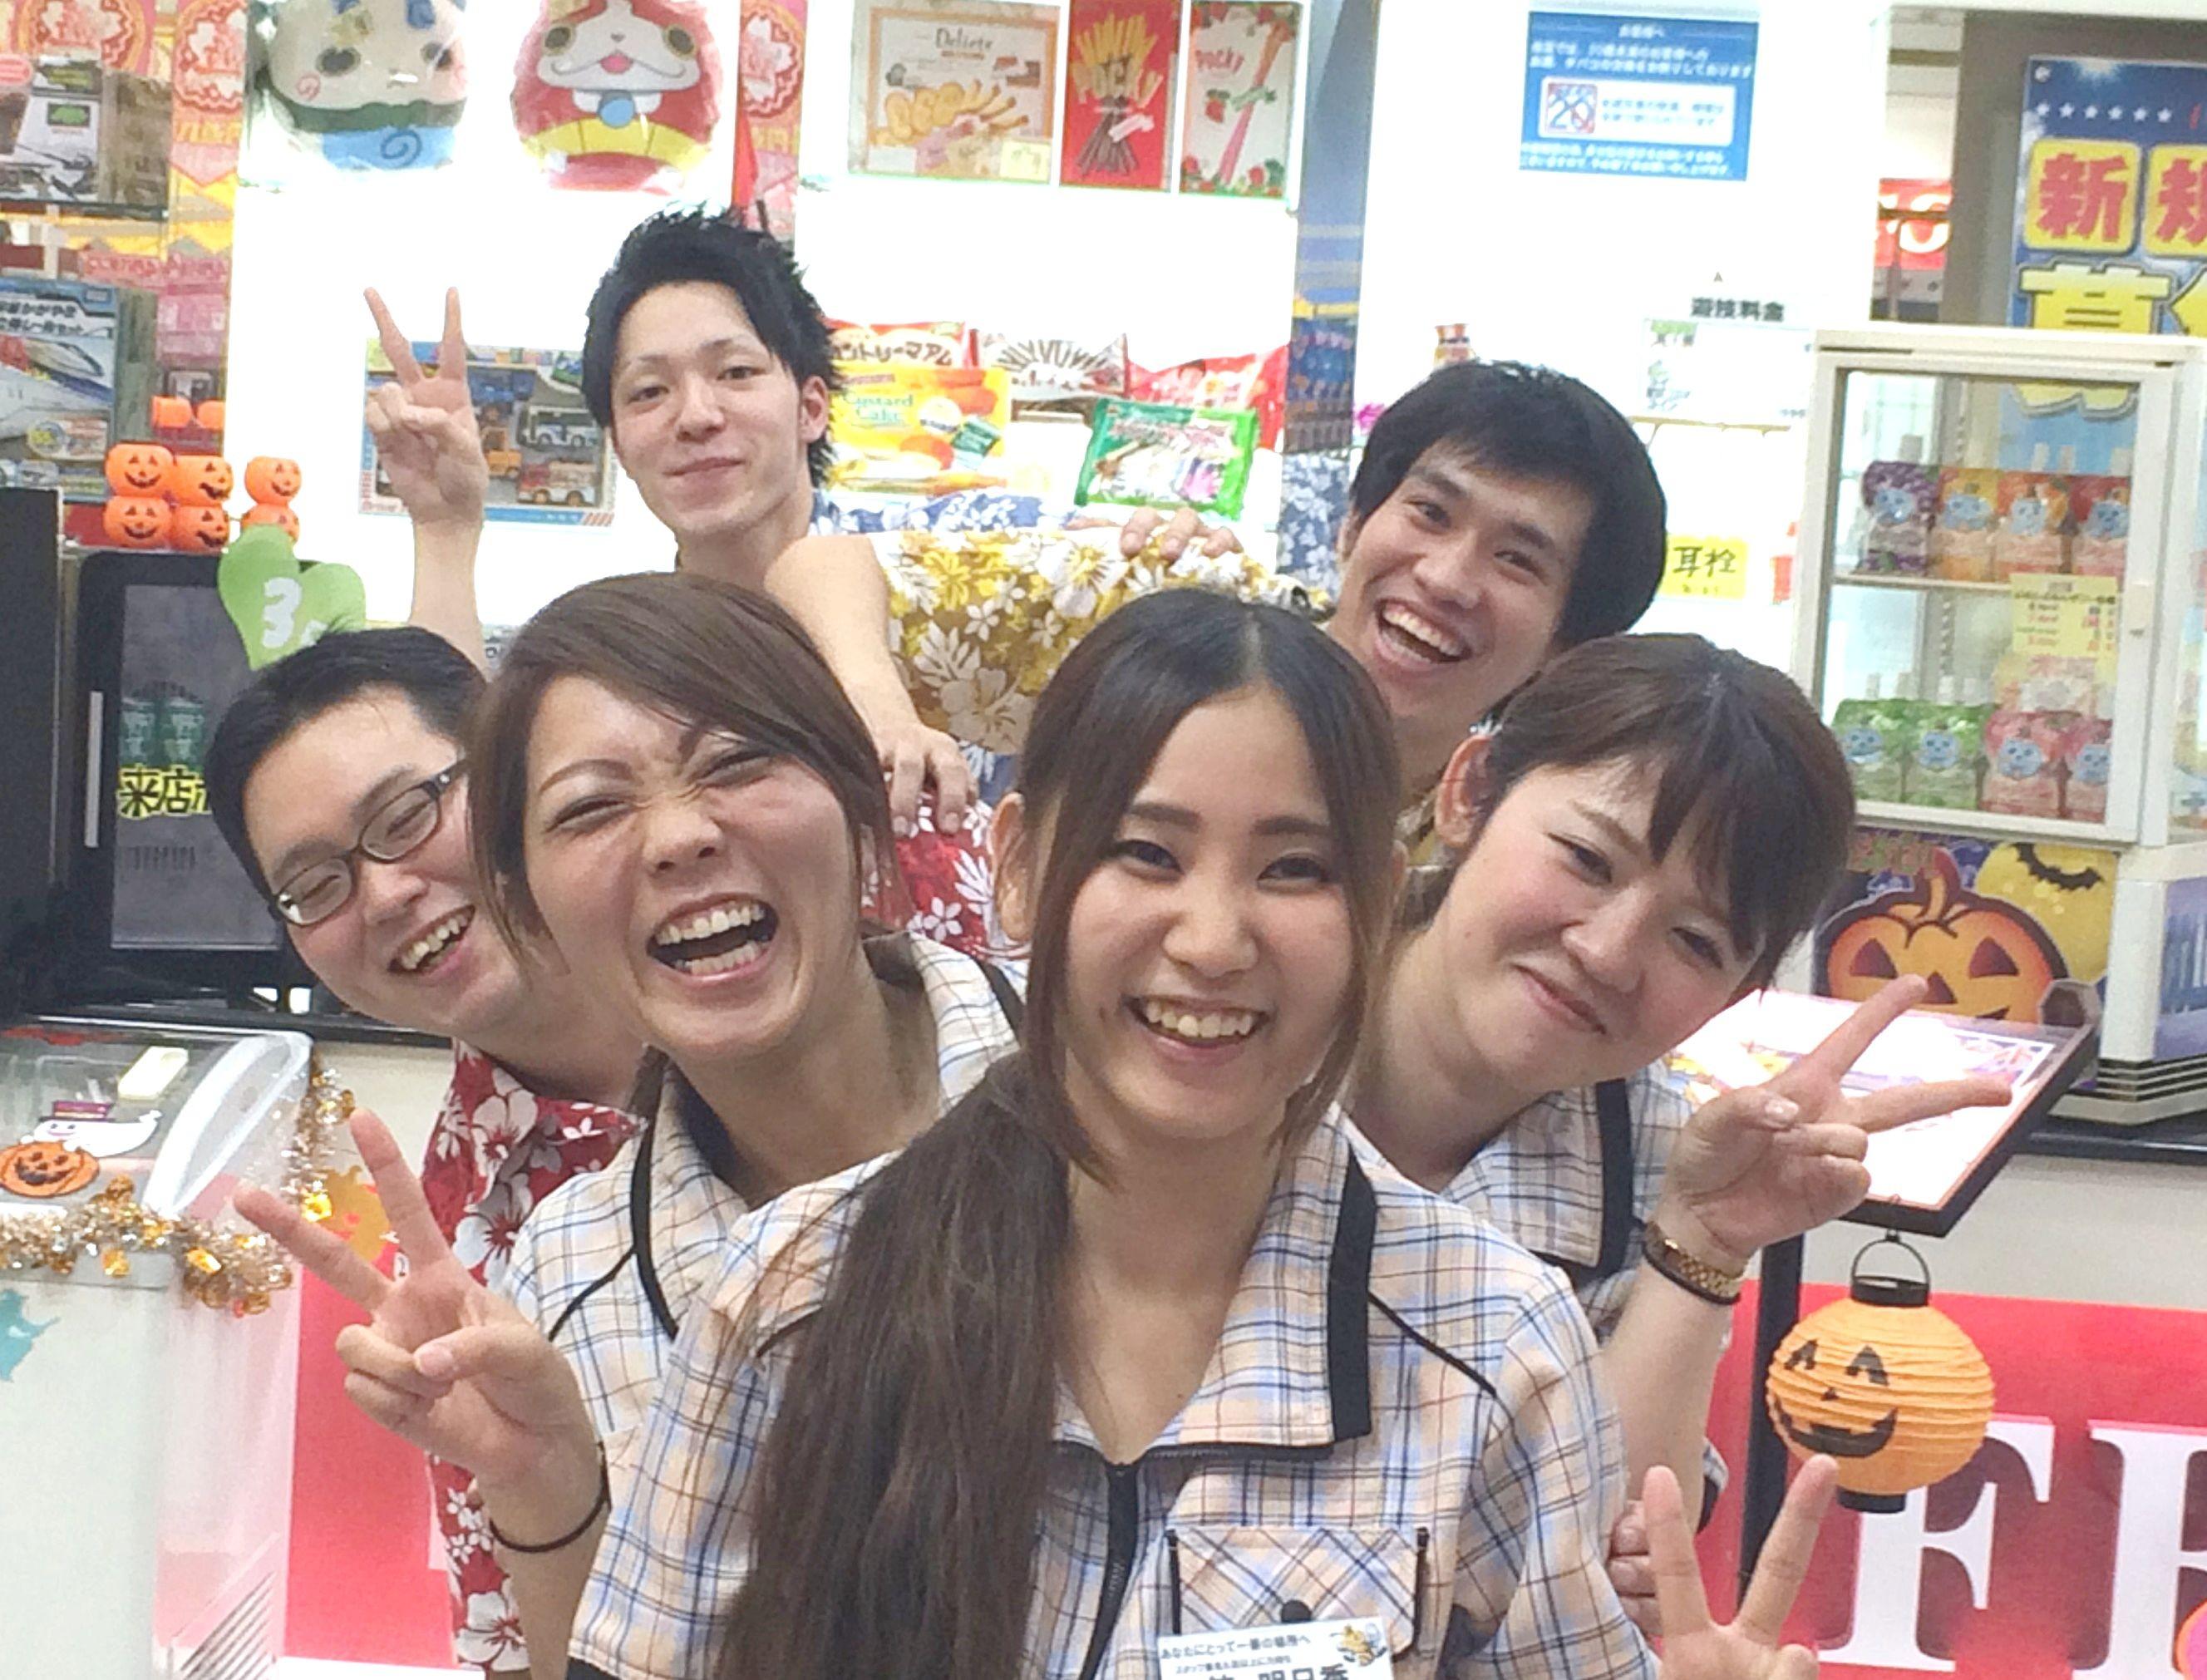 パチンコ & スロット フェスタ 宮崎駅前店のアルバイト情報